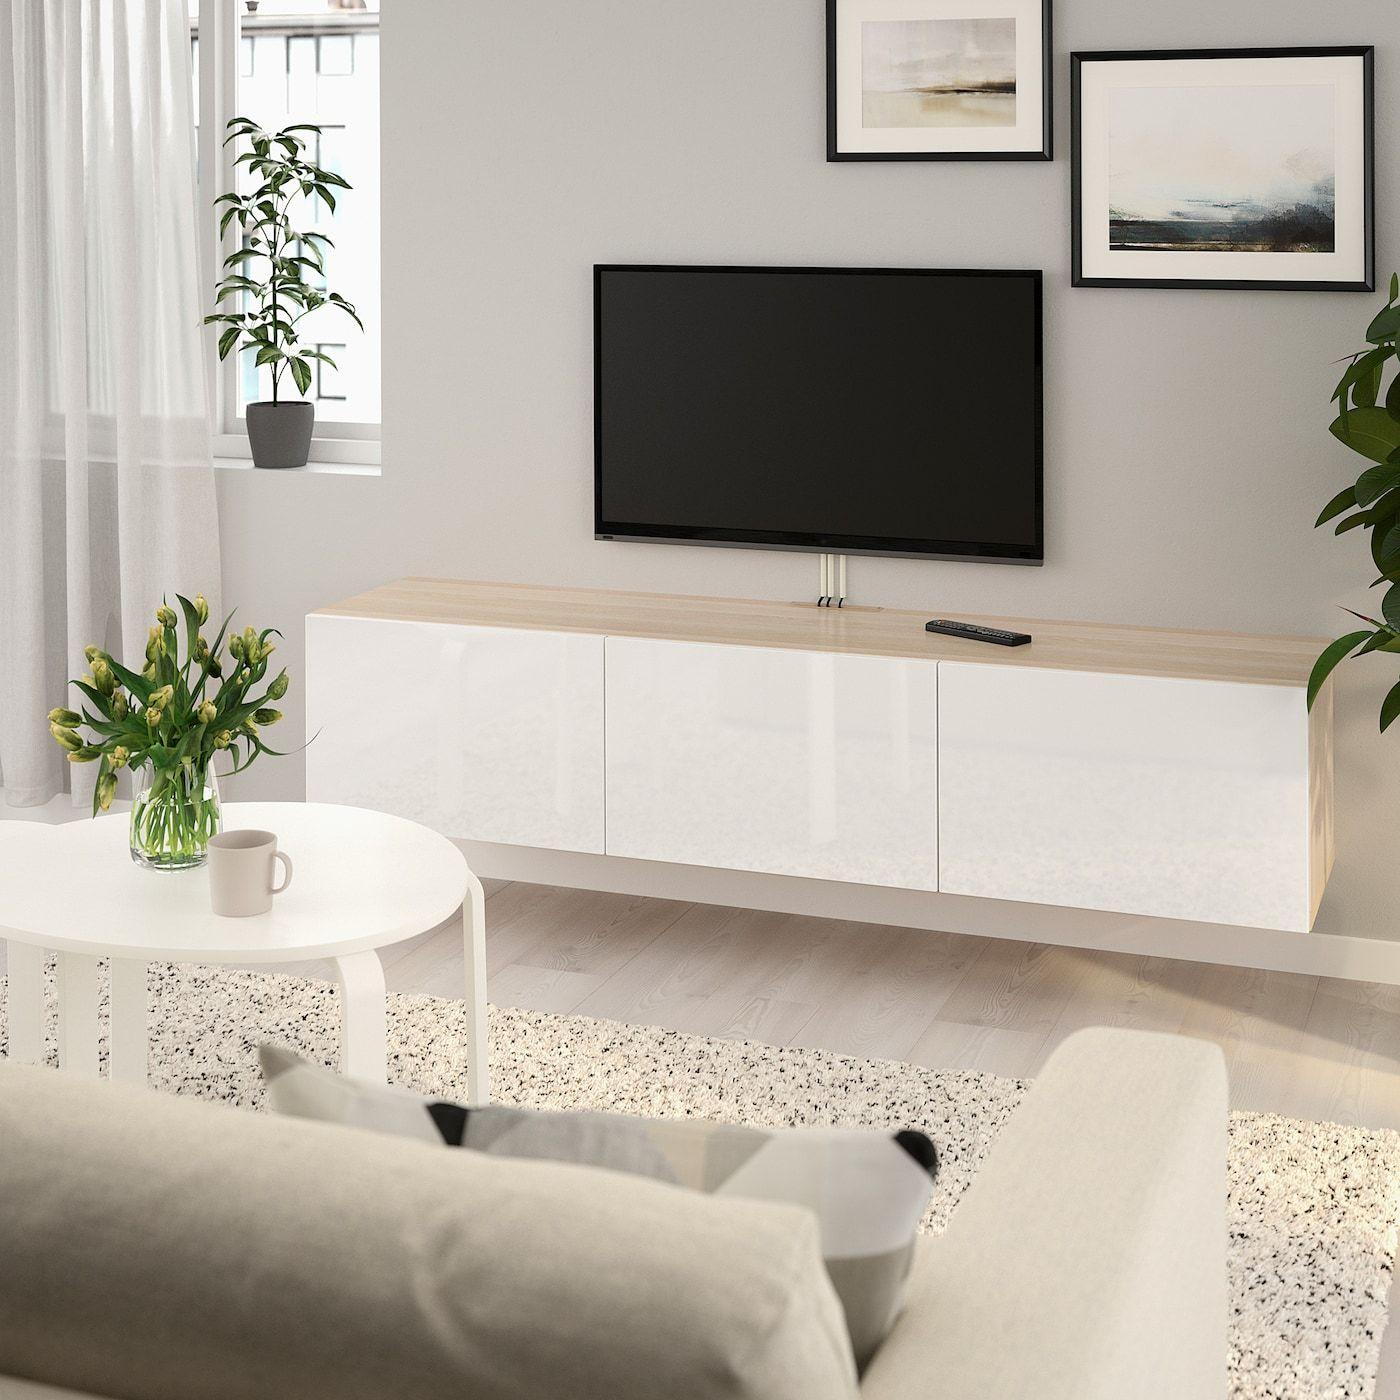 IKEA BESTÅ TV-Bank mit Türen – Eicheneffekt wlas, Selsviken Hochglanz/weiß